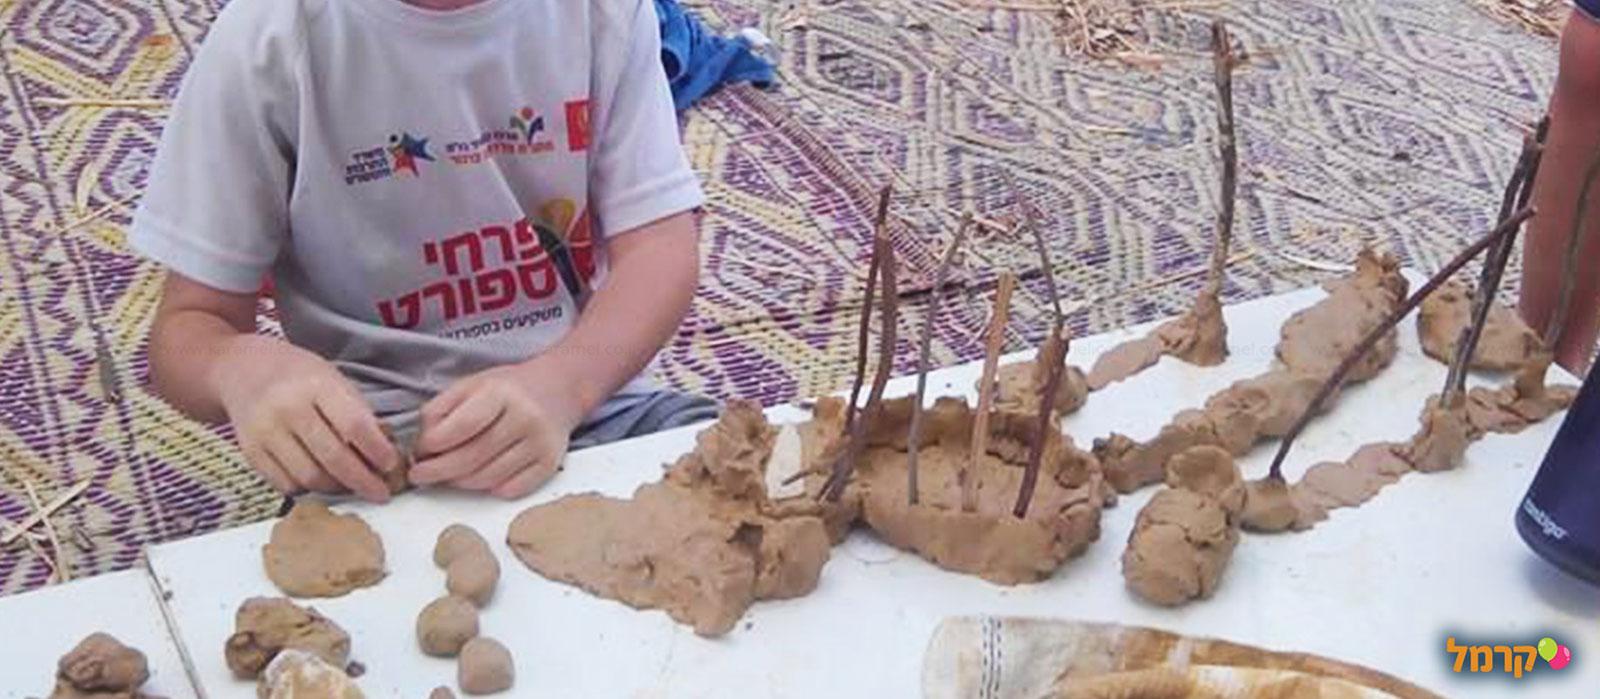 ילדי היער - פעילות טבע לילדים - 073-7026480